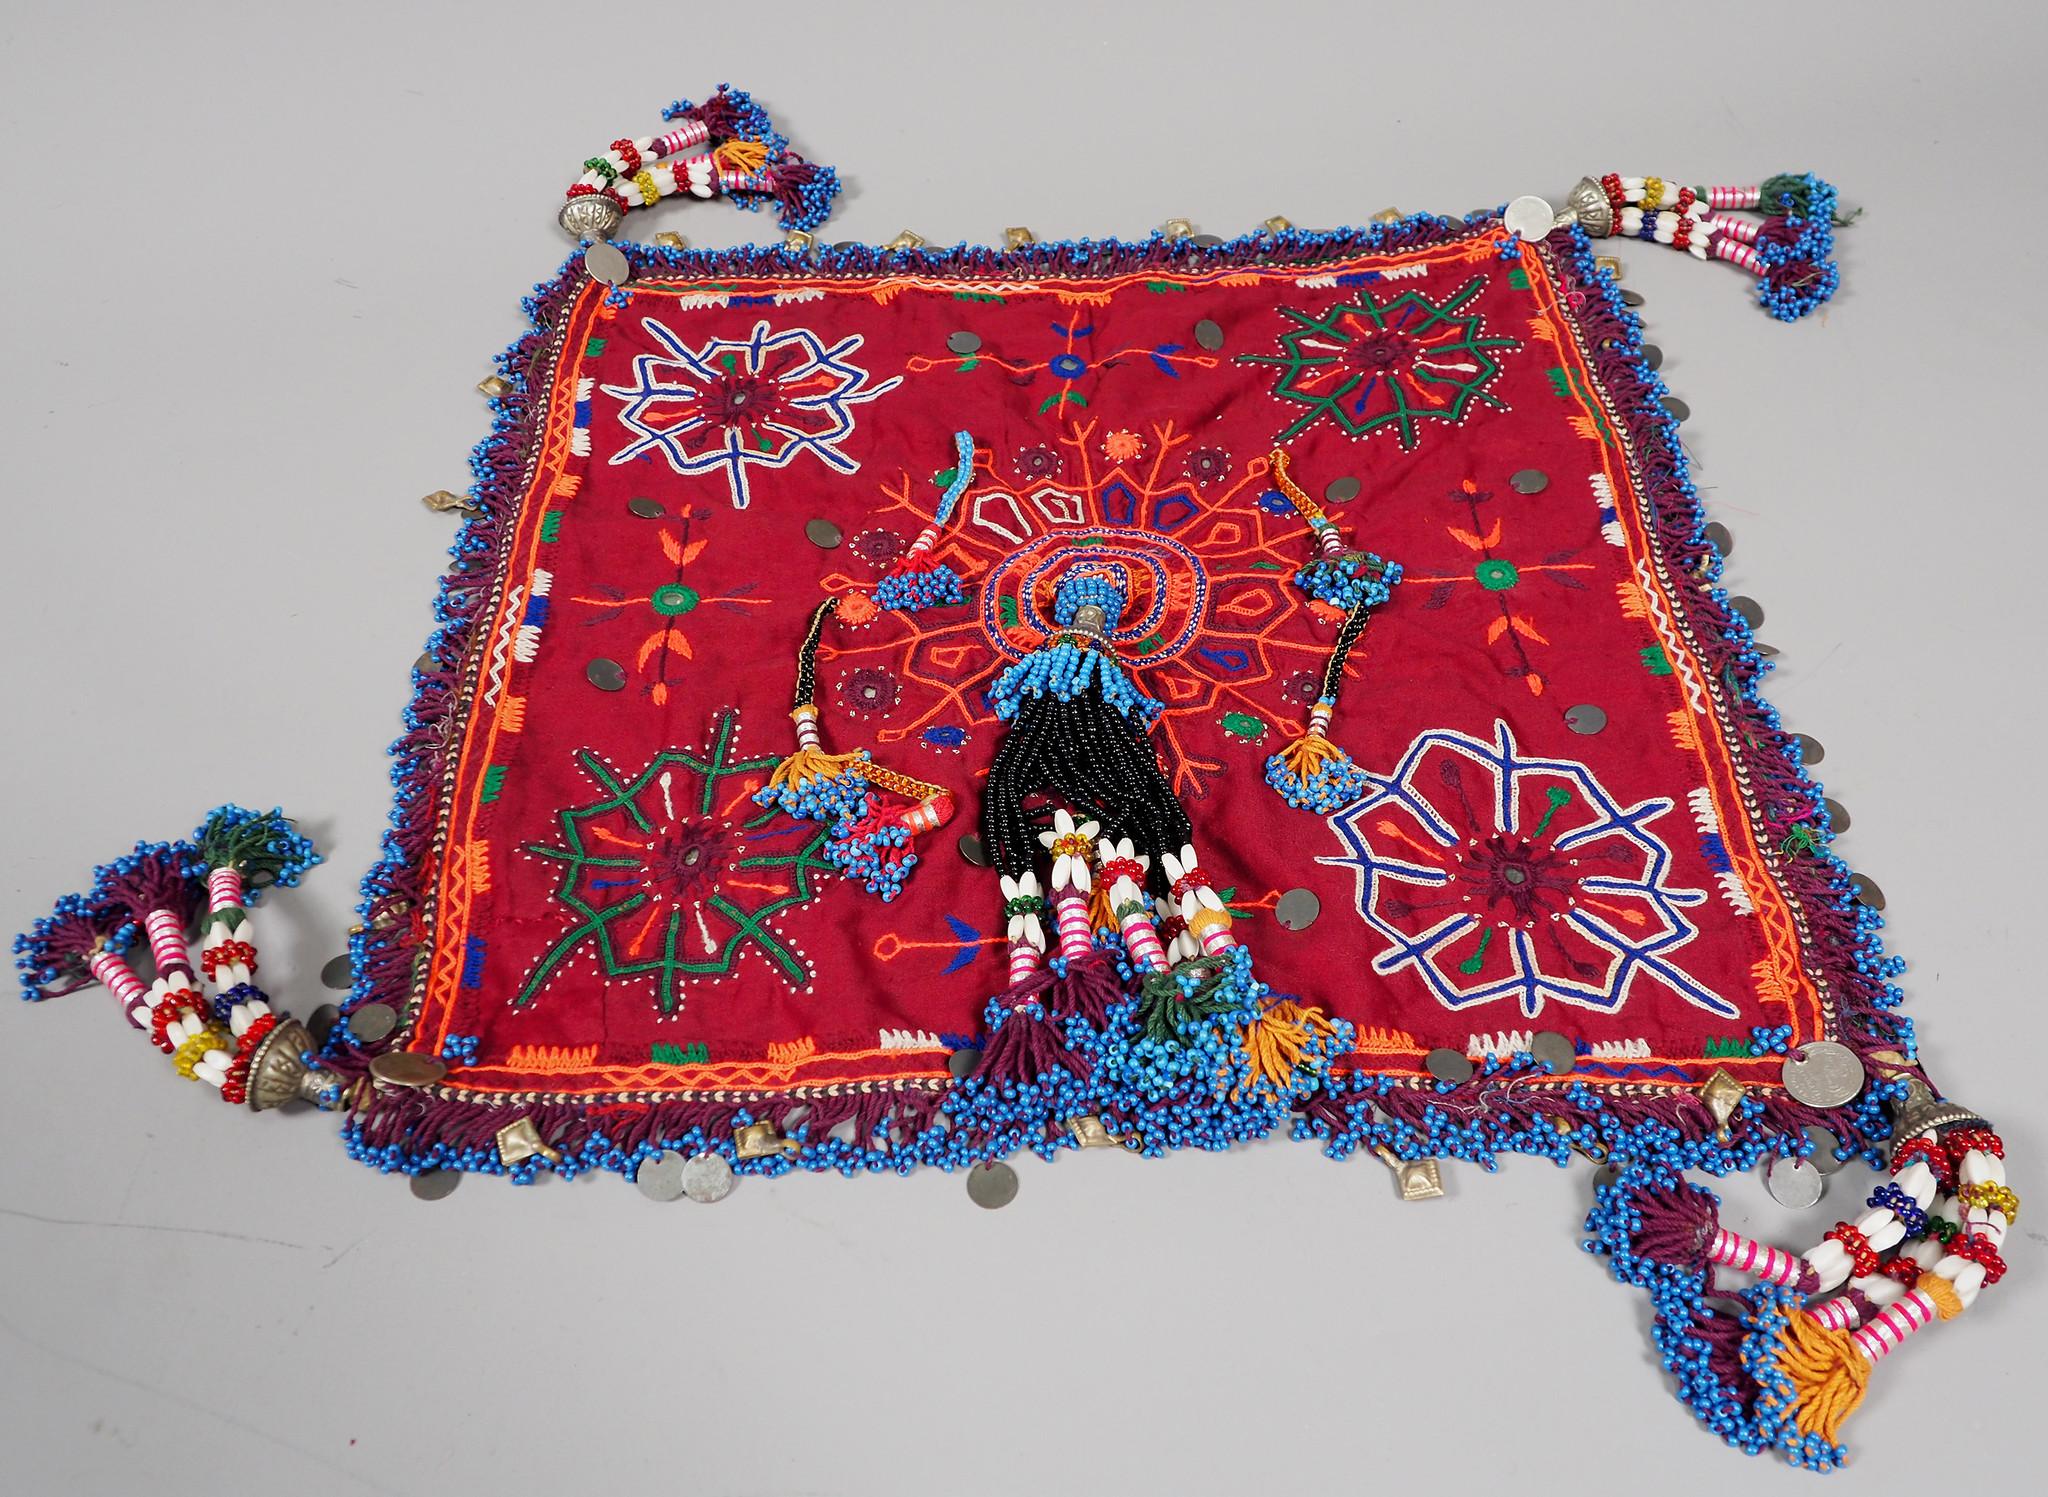 antik banjara bräutigam Hochzeit kopfschmuck kopfbdekung aus sindh Pakistan . No:21/ 5